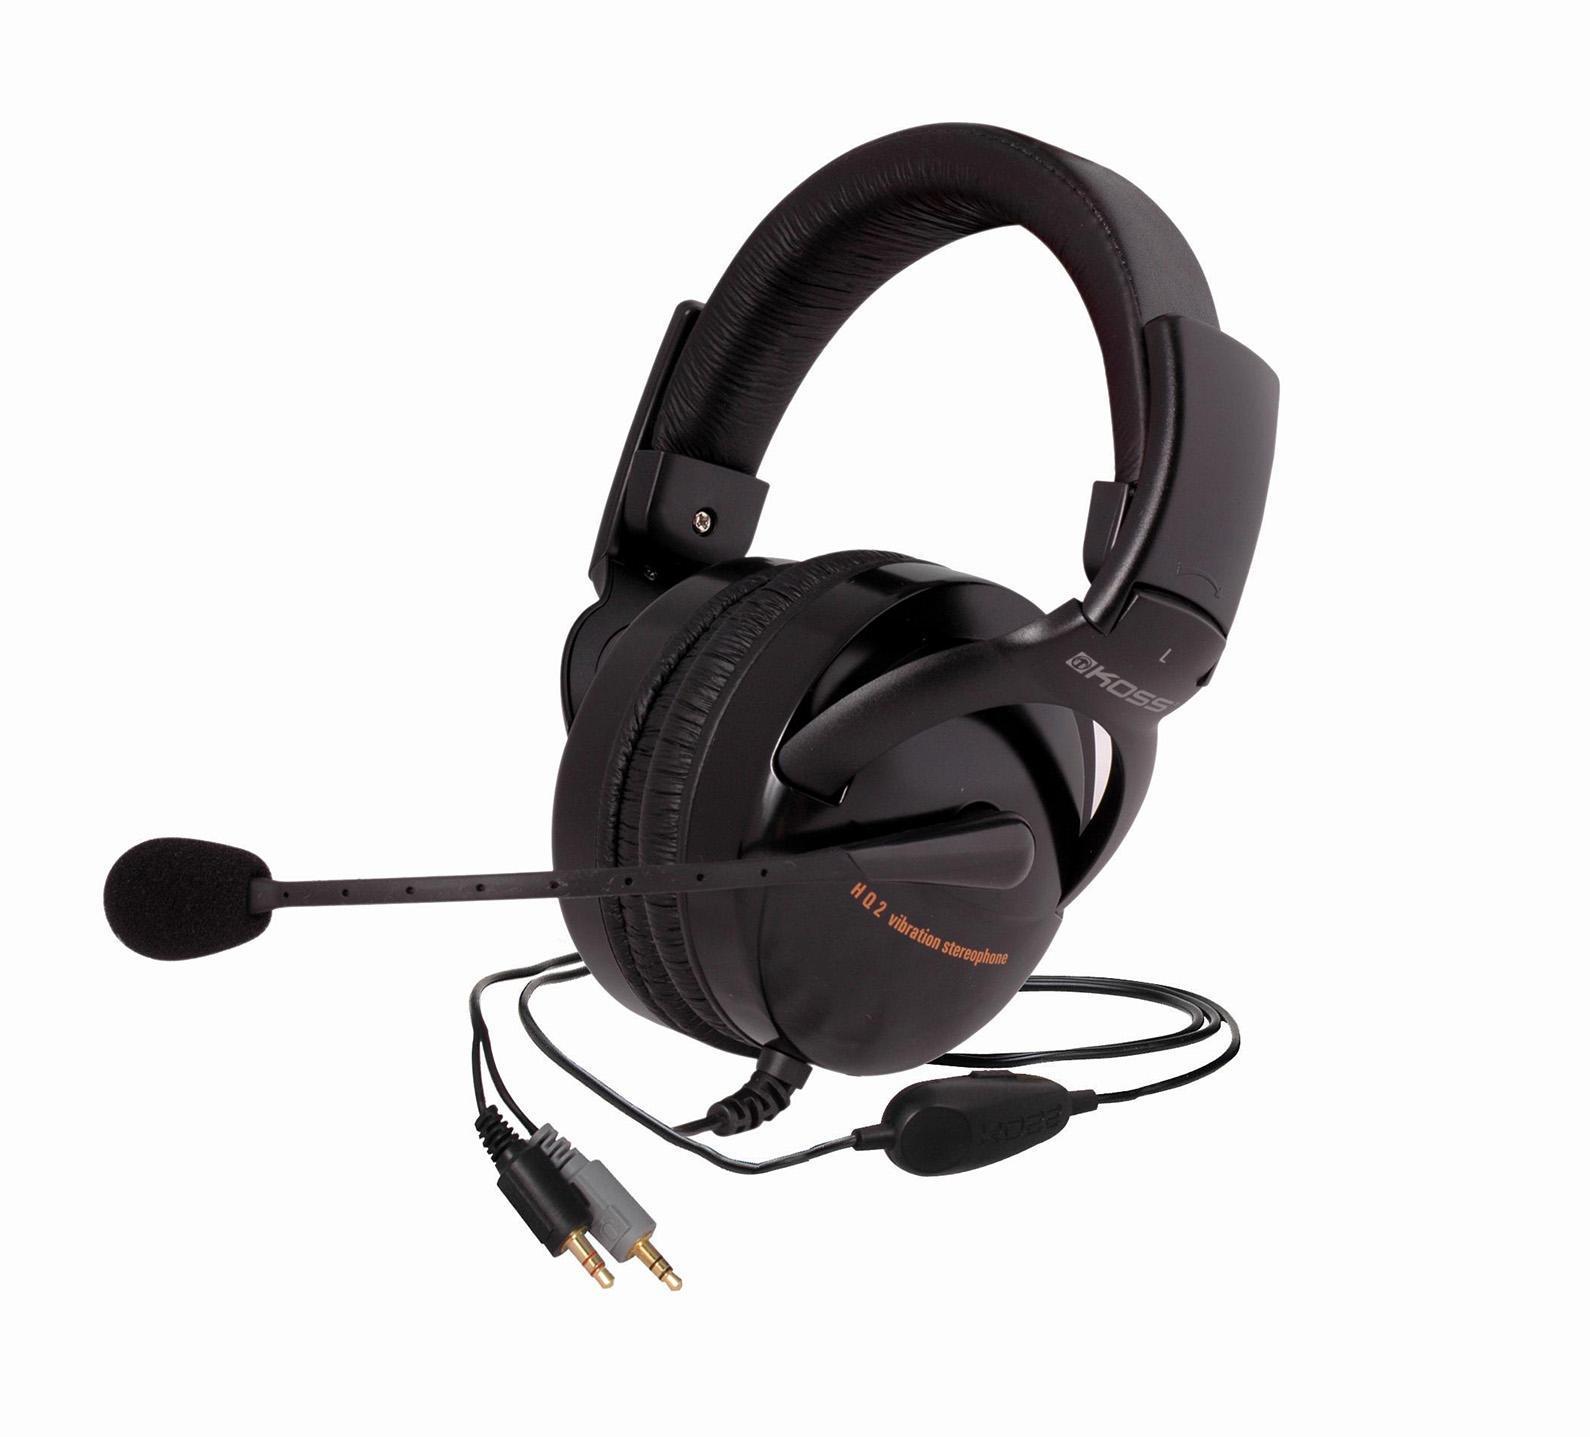 Koss HQ2HQ/2KOSS HQ2 – это совершенные игровые наушники с с эффектом присутствия, оснащенные шумоподавляющим микрофоном, что позволяет общаться в командных играх. Главная особенность данной гарнитуры – функция встроенной вибрации. Частоты ниже 100 Гц, помимо собственно звука, переводятся также в вибрации, дающие незабываемое ощущение физической динамики.